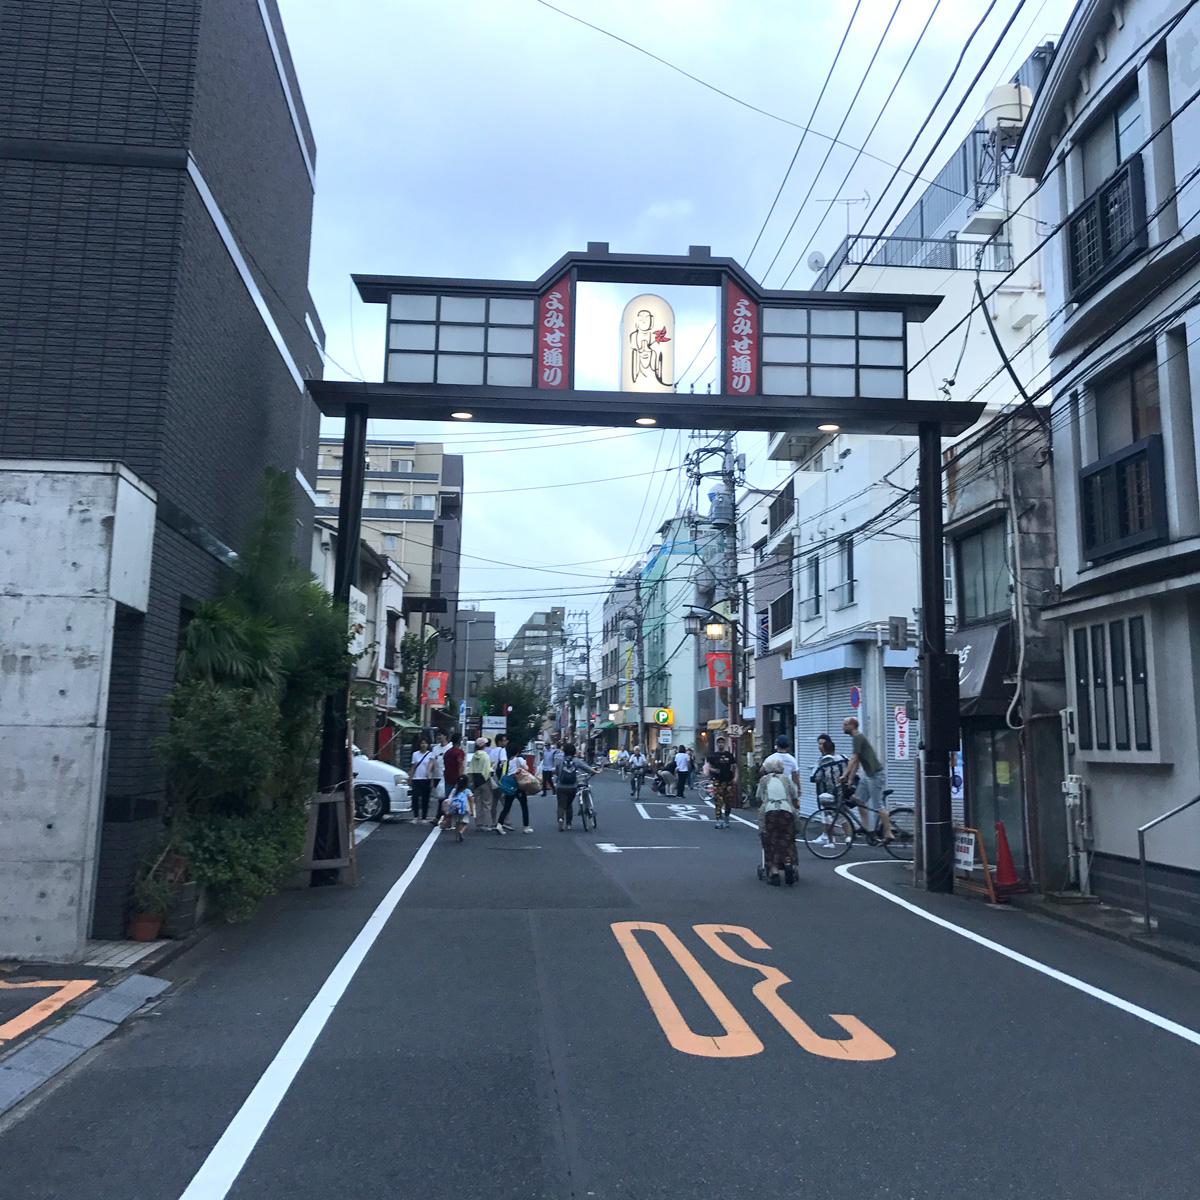 f:id:haruna26:20190820162744j:plain